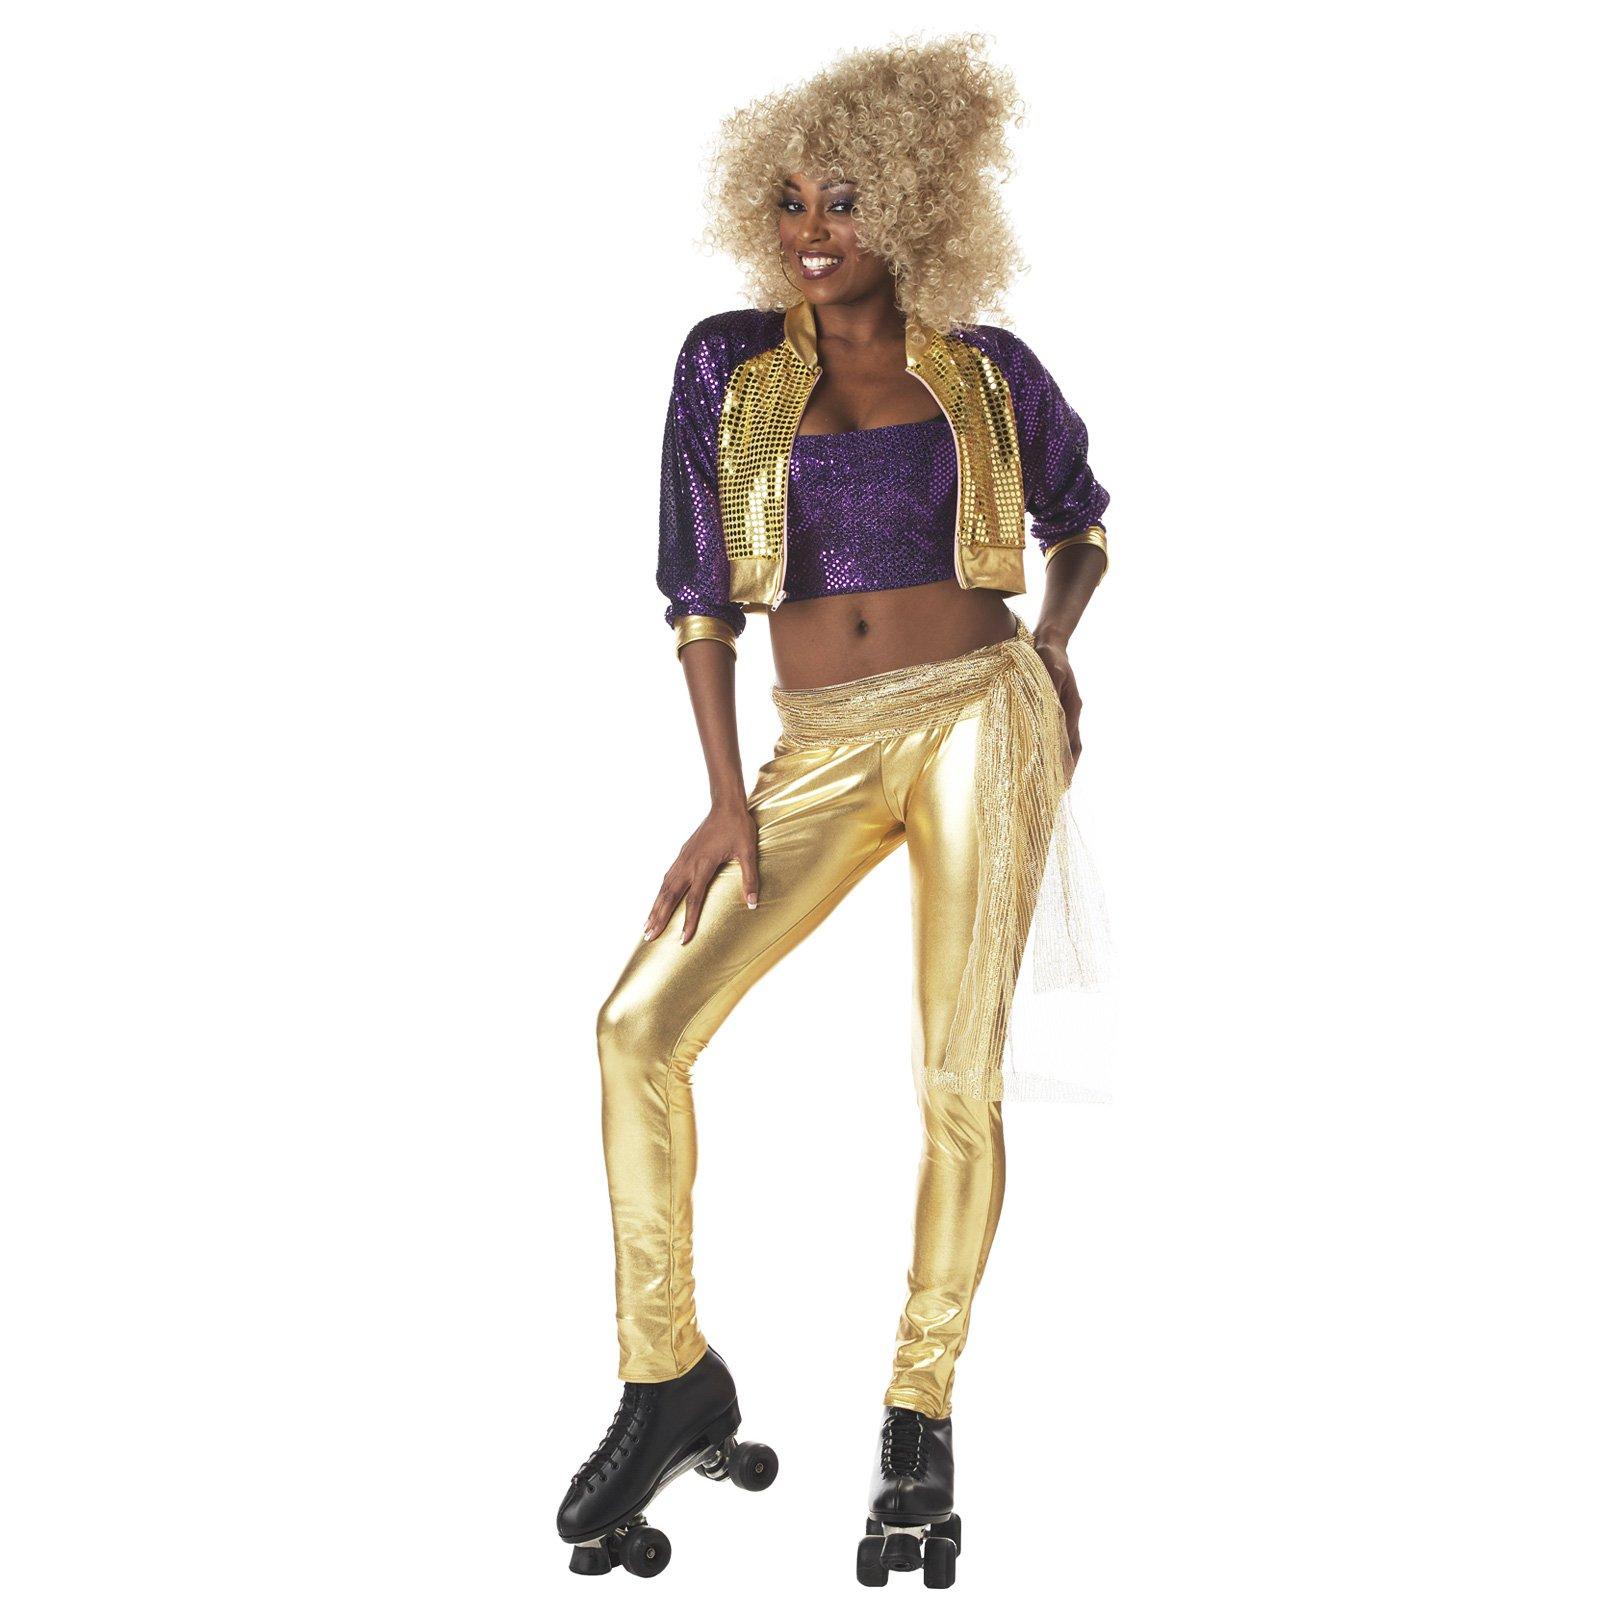 Fashion of the disco era 84